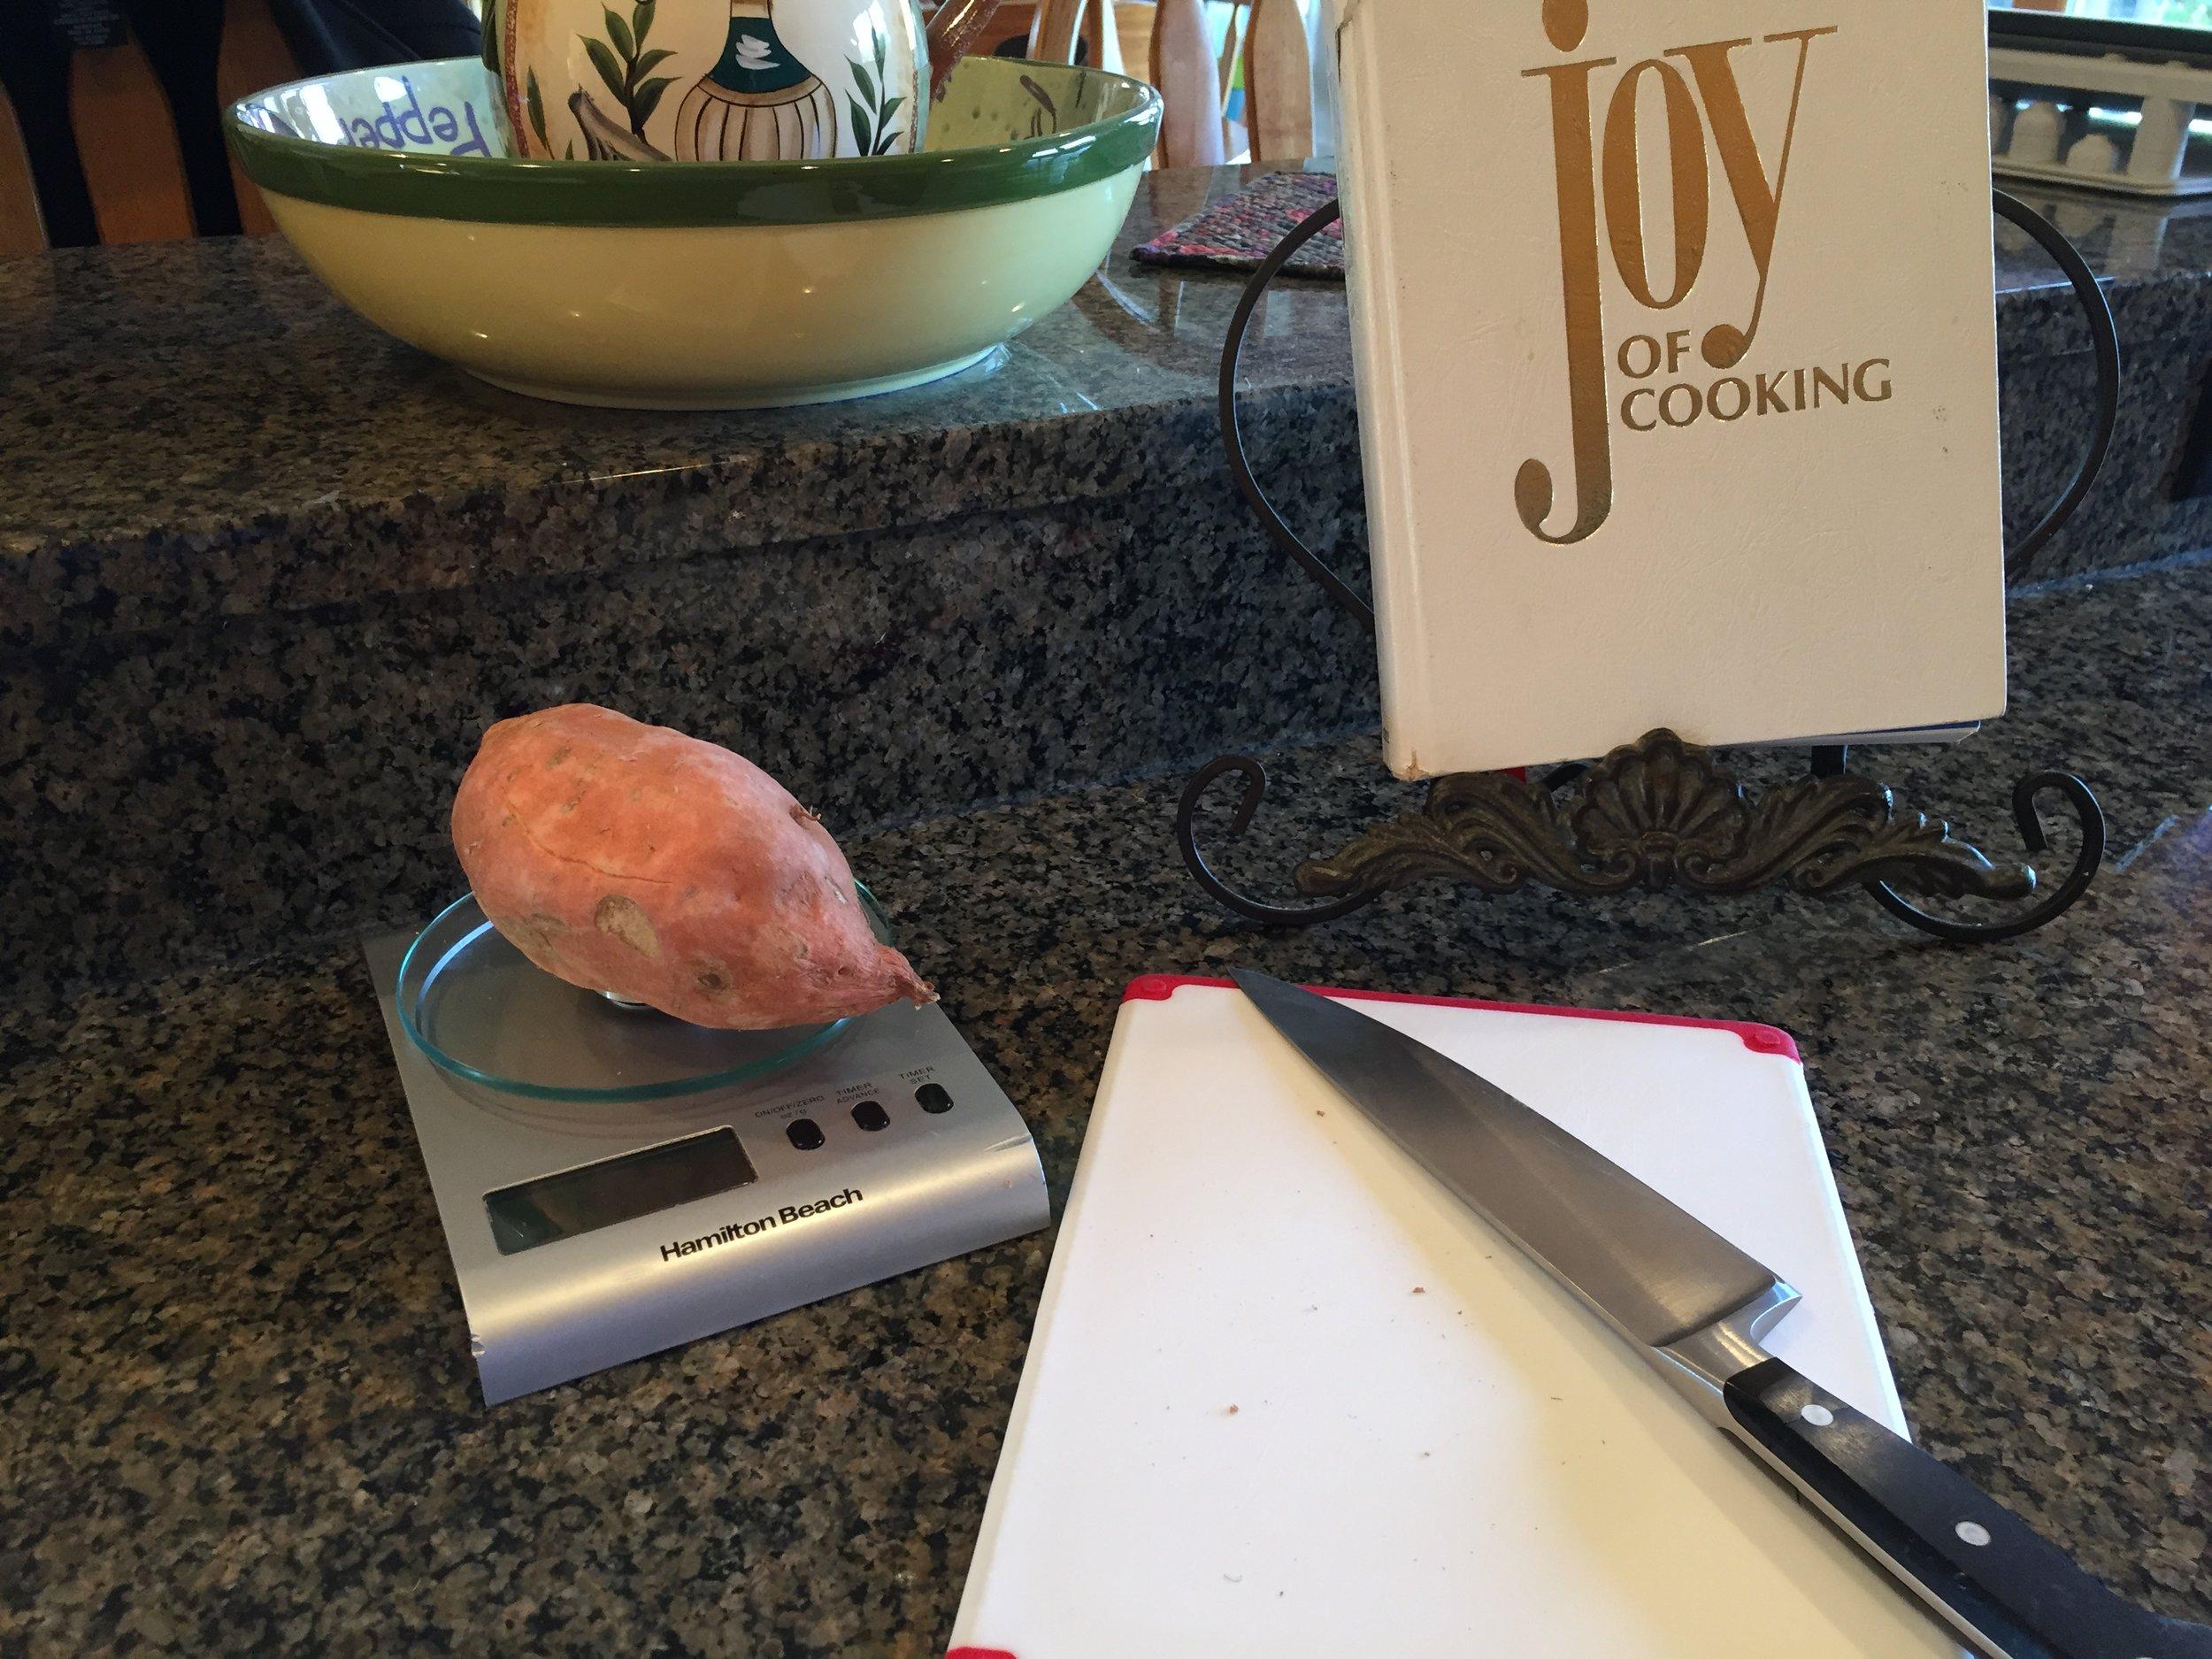 Sweet Potato 15.2 ounces or 432 grams